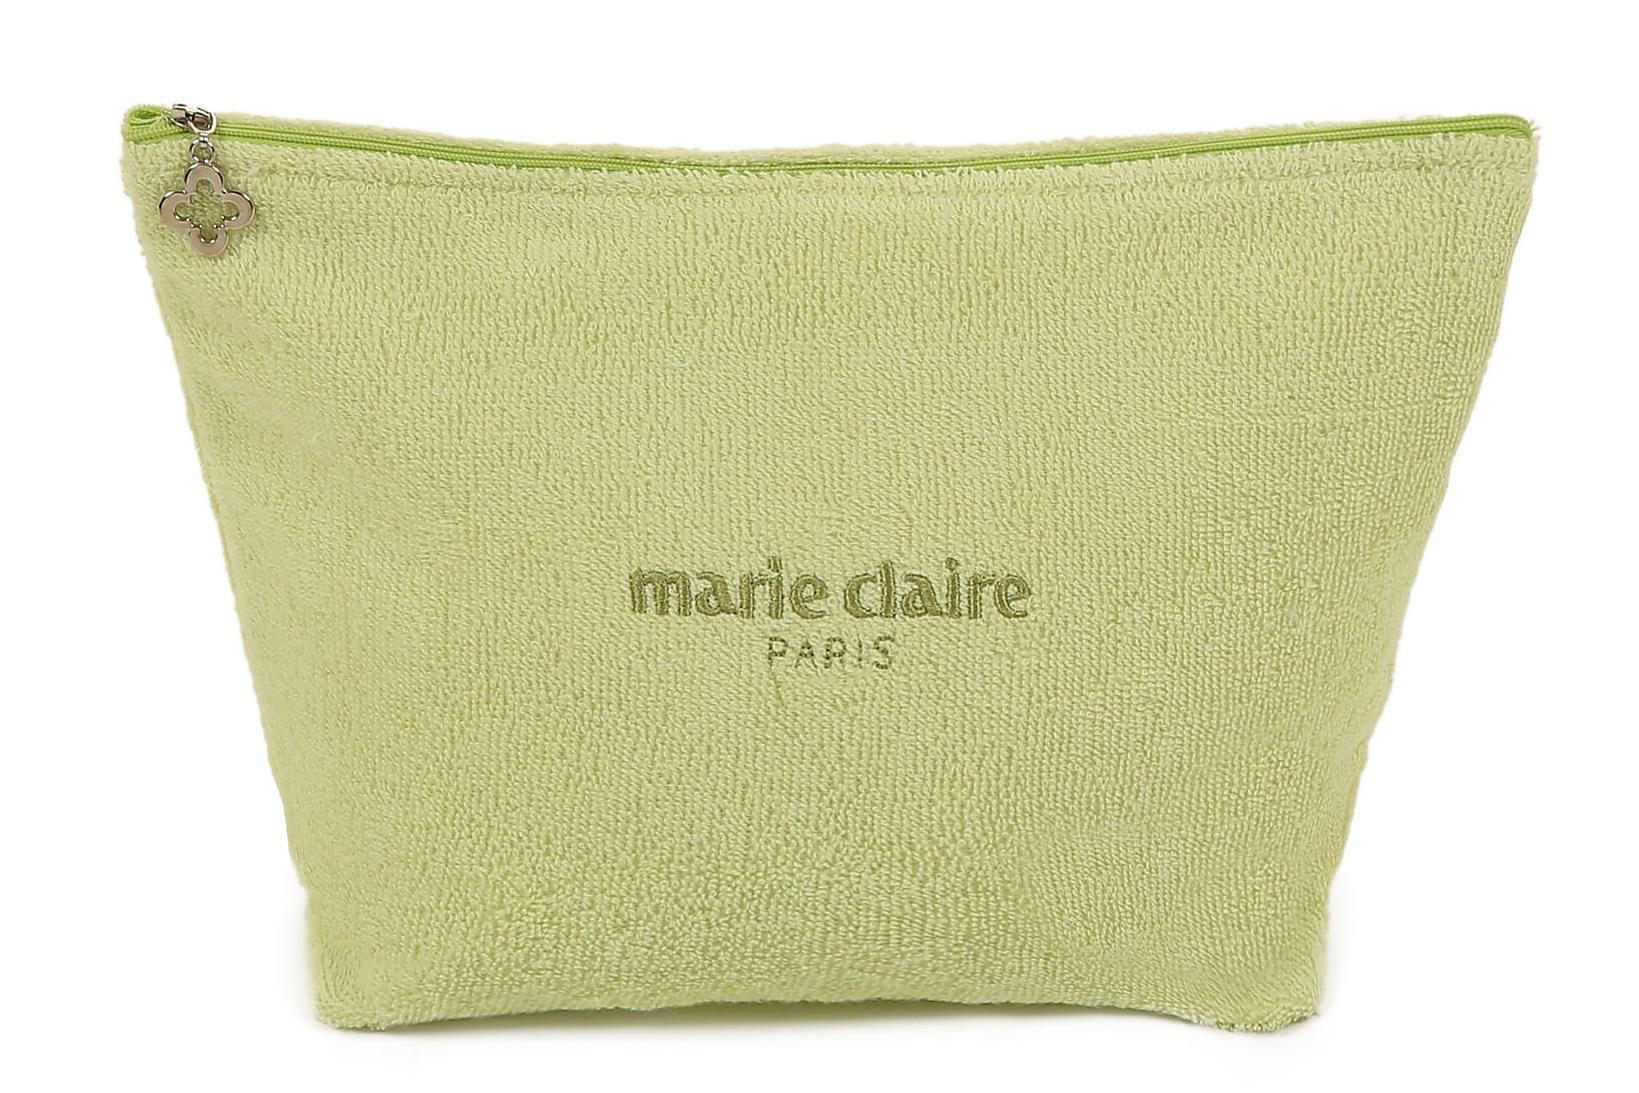 MARIE CLAIRE Makeupväska 22×15 Grön